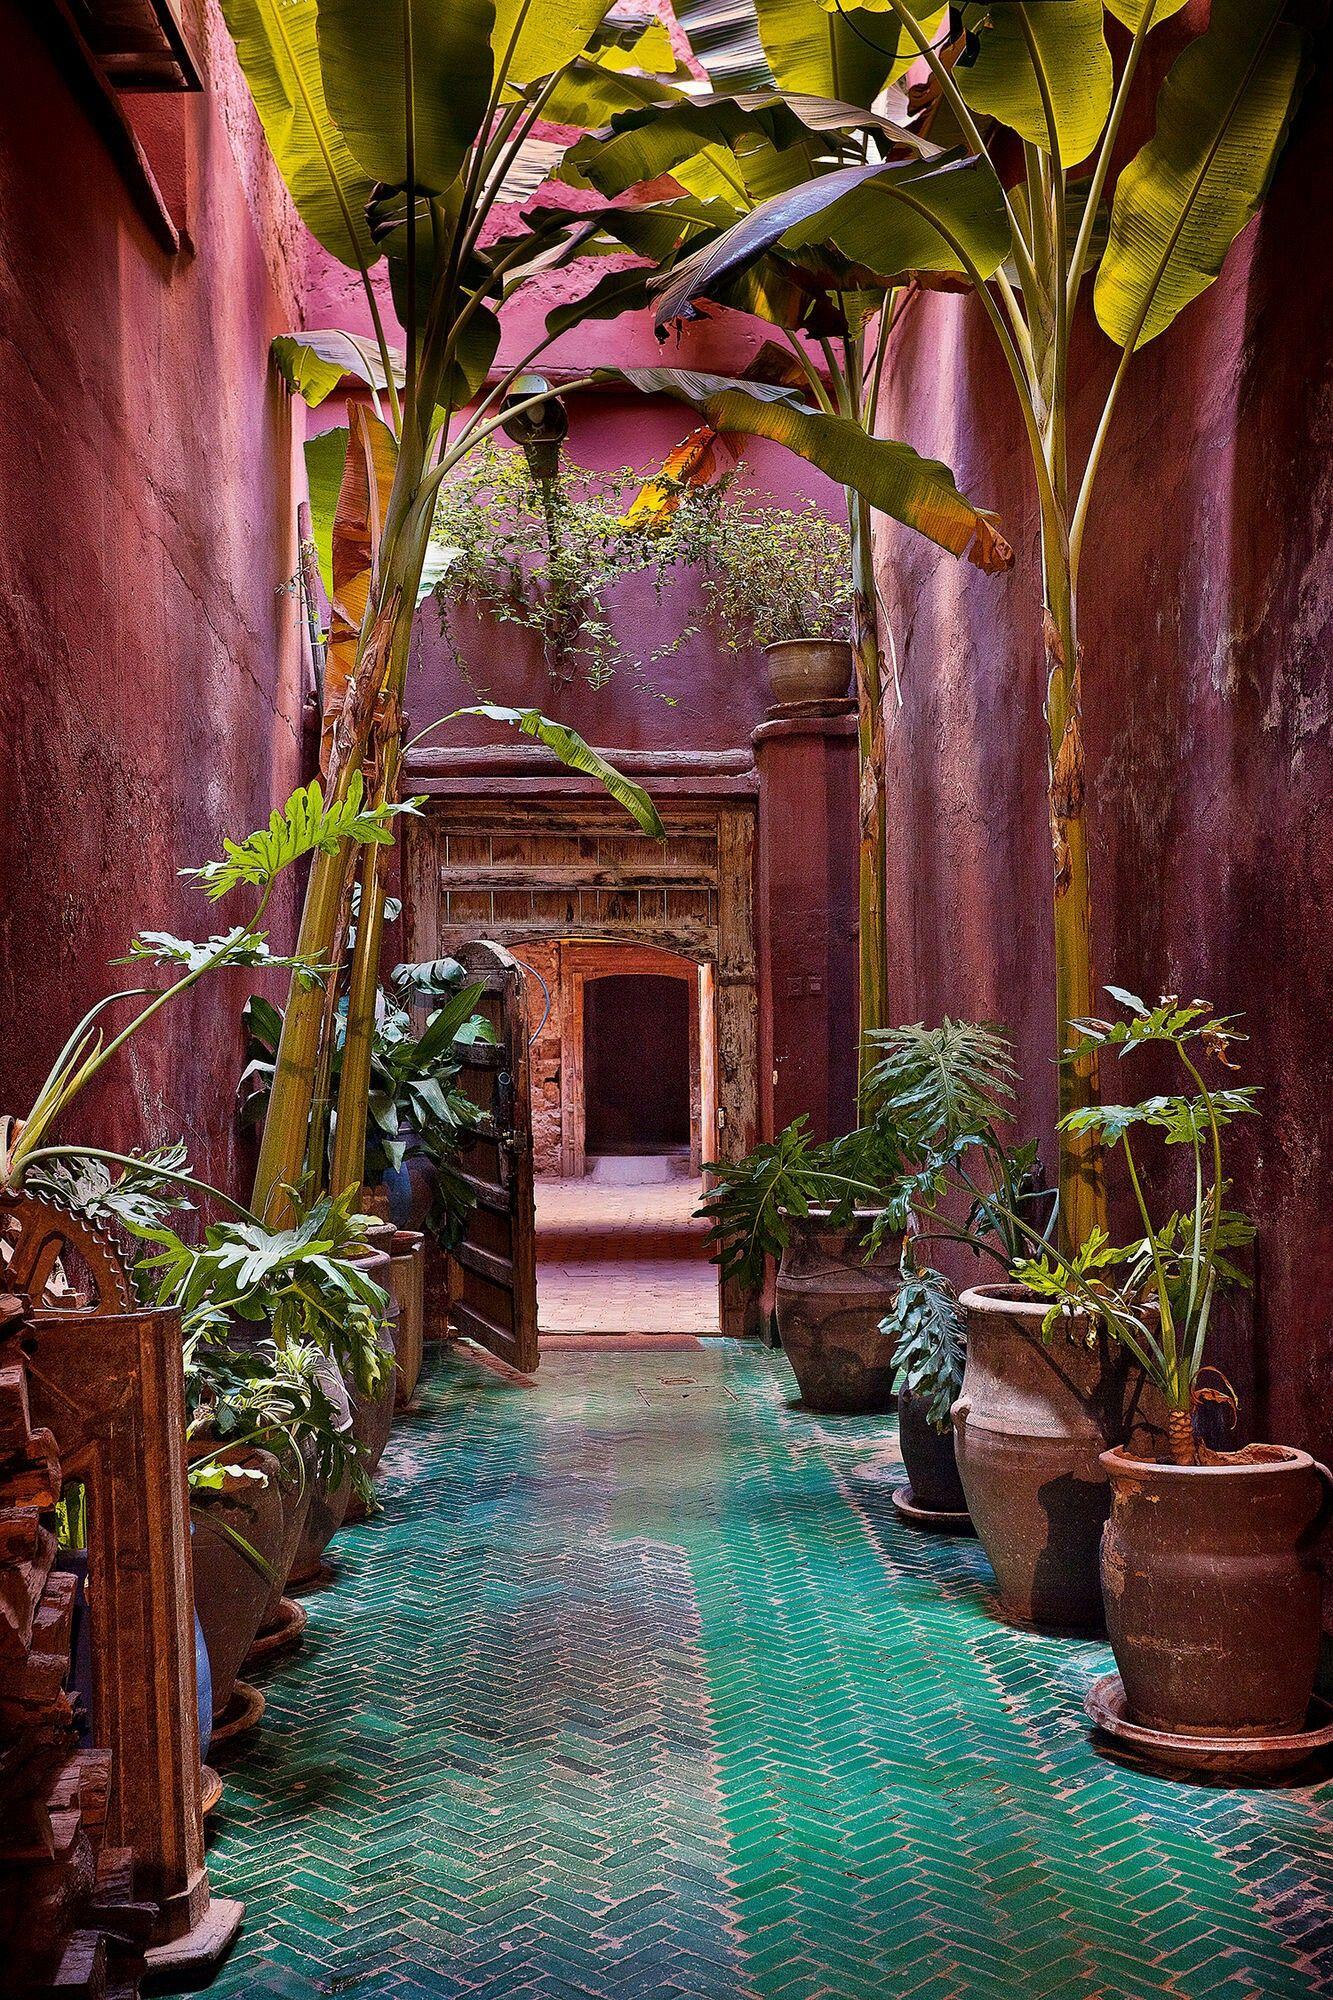 Green Room Garden Design: Moroccan Garden, Garden Ideas To